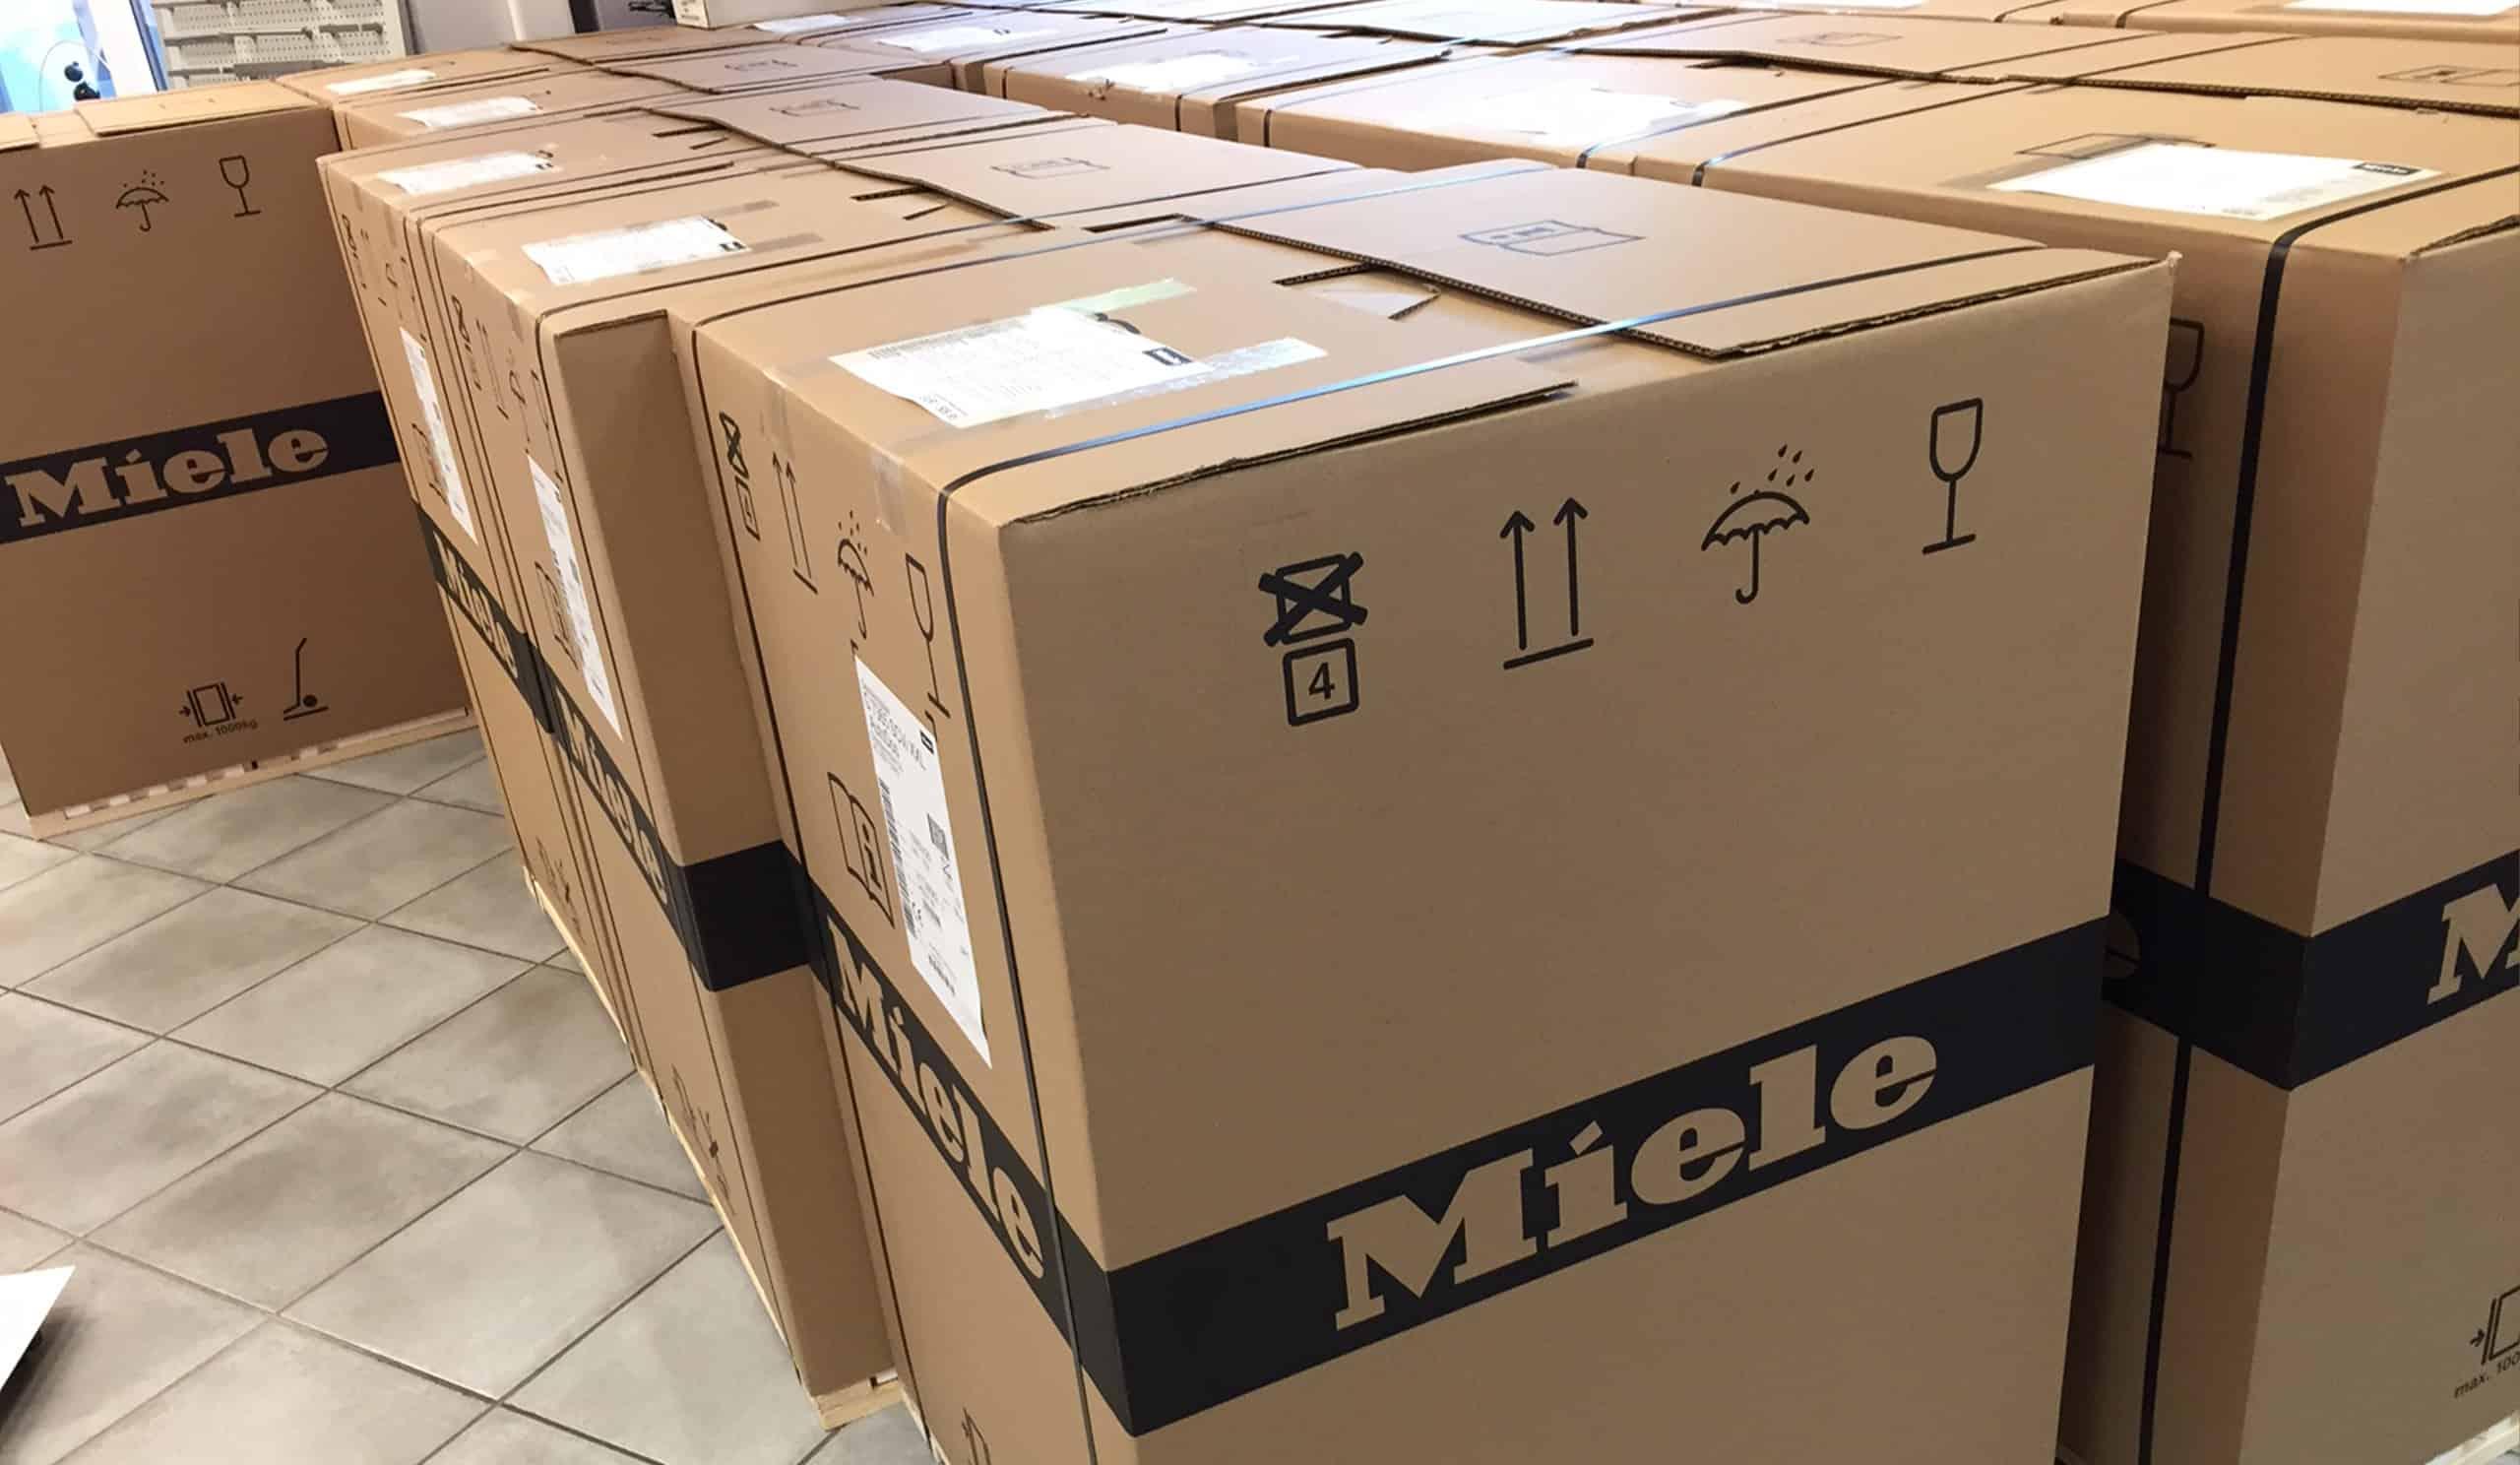 Miele-Kartons mit Waschmaschienen zum Abverkauf